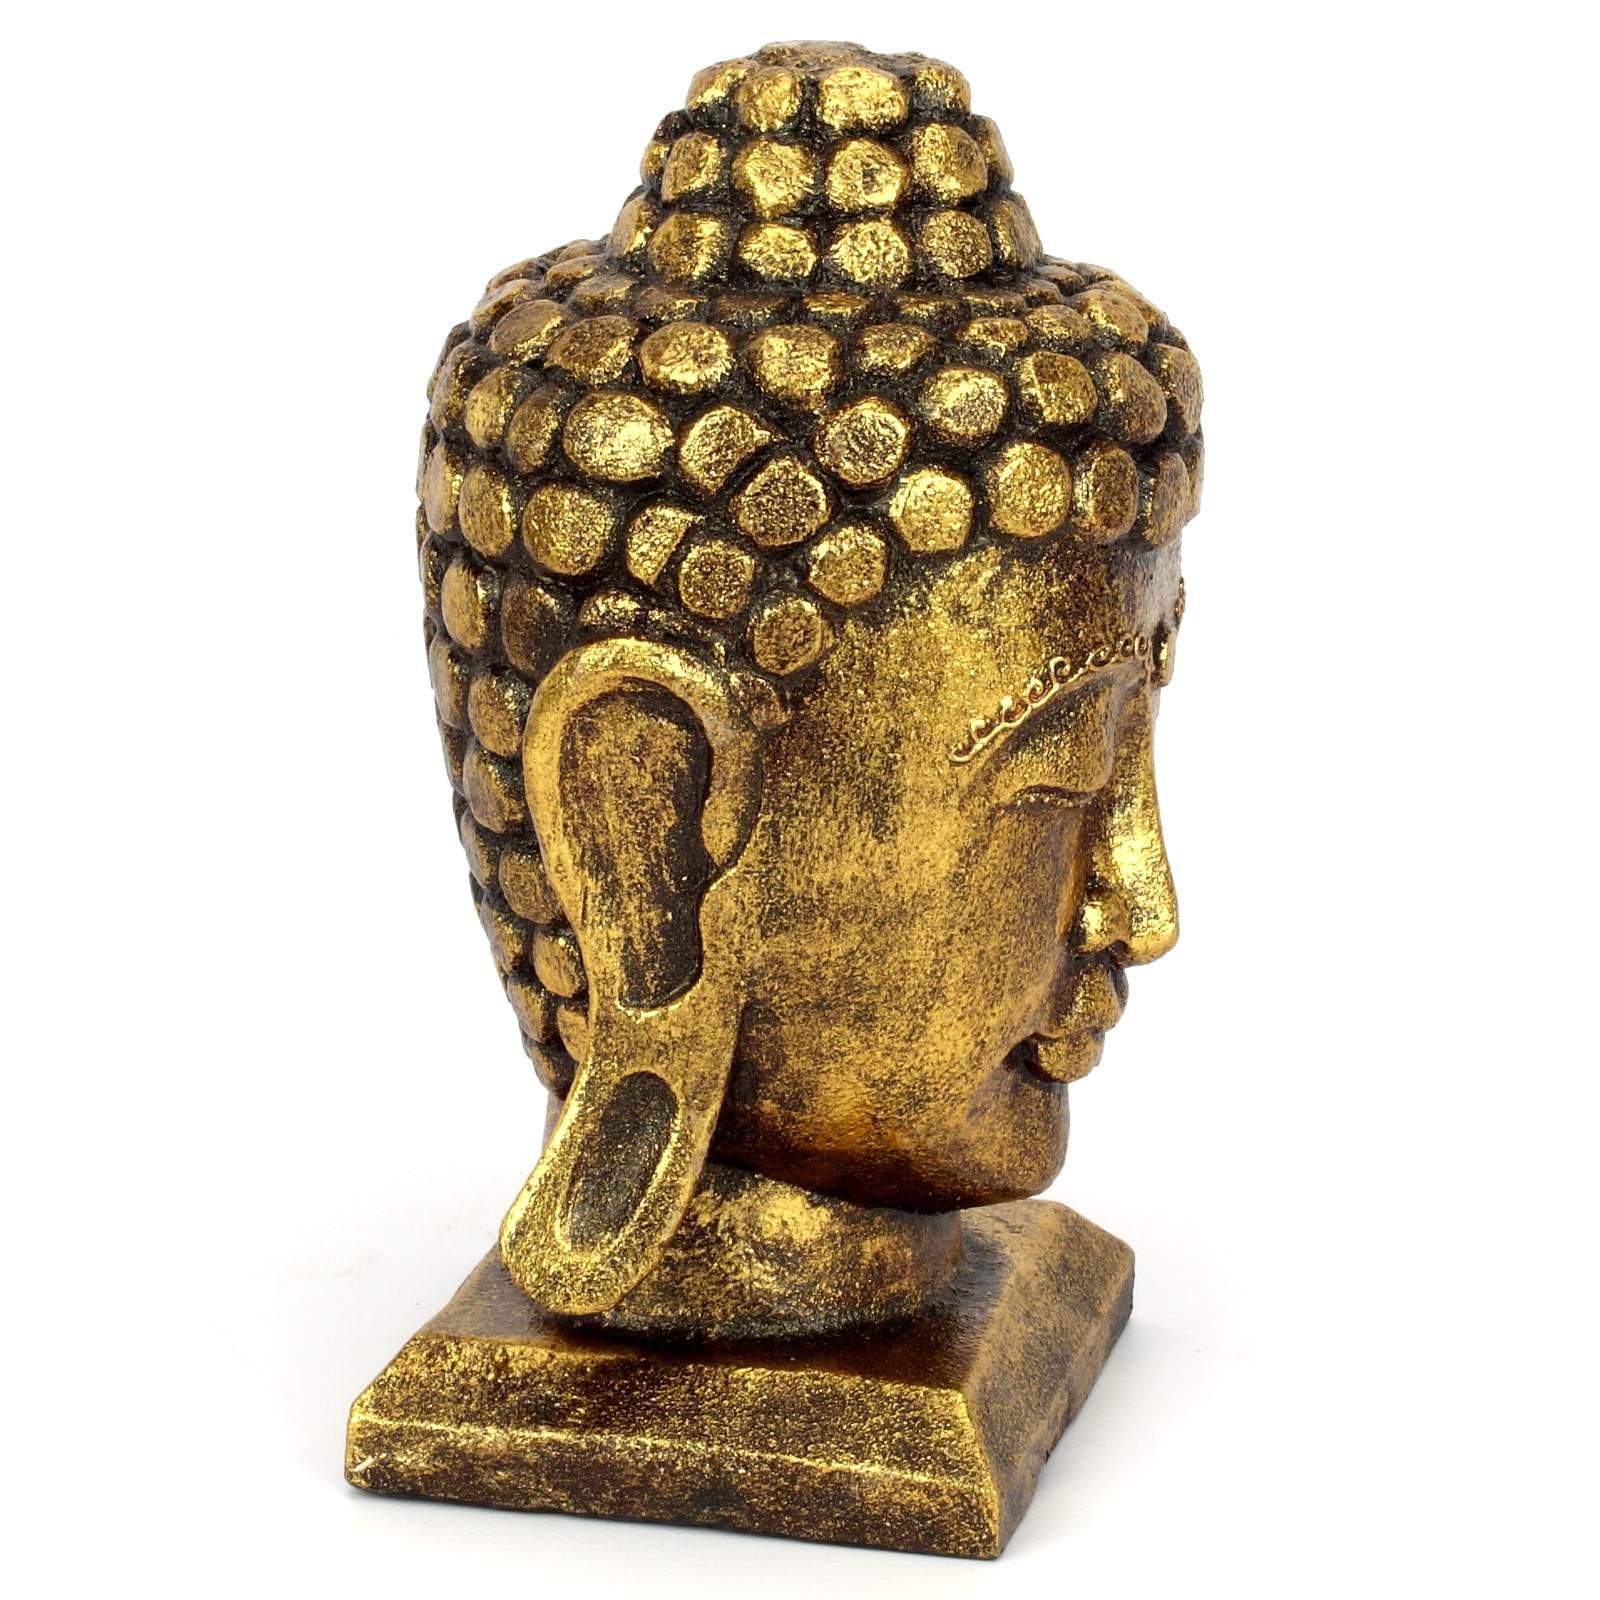 buddha kopf figur aus holz gr s 25 cm gold 118783. Black Bedroom Furniture Sets. Home Design Ideas